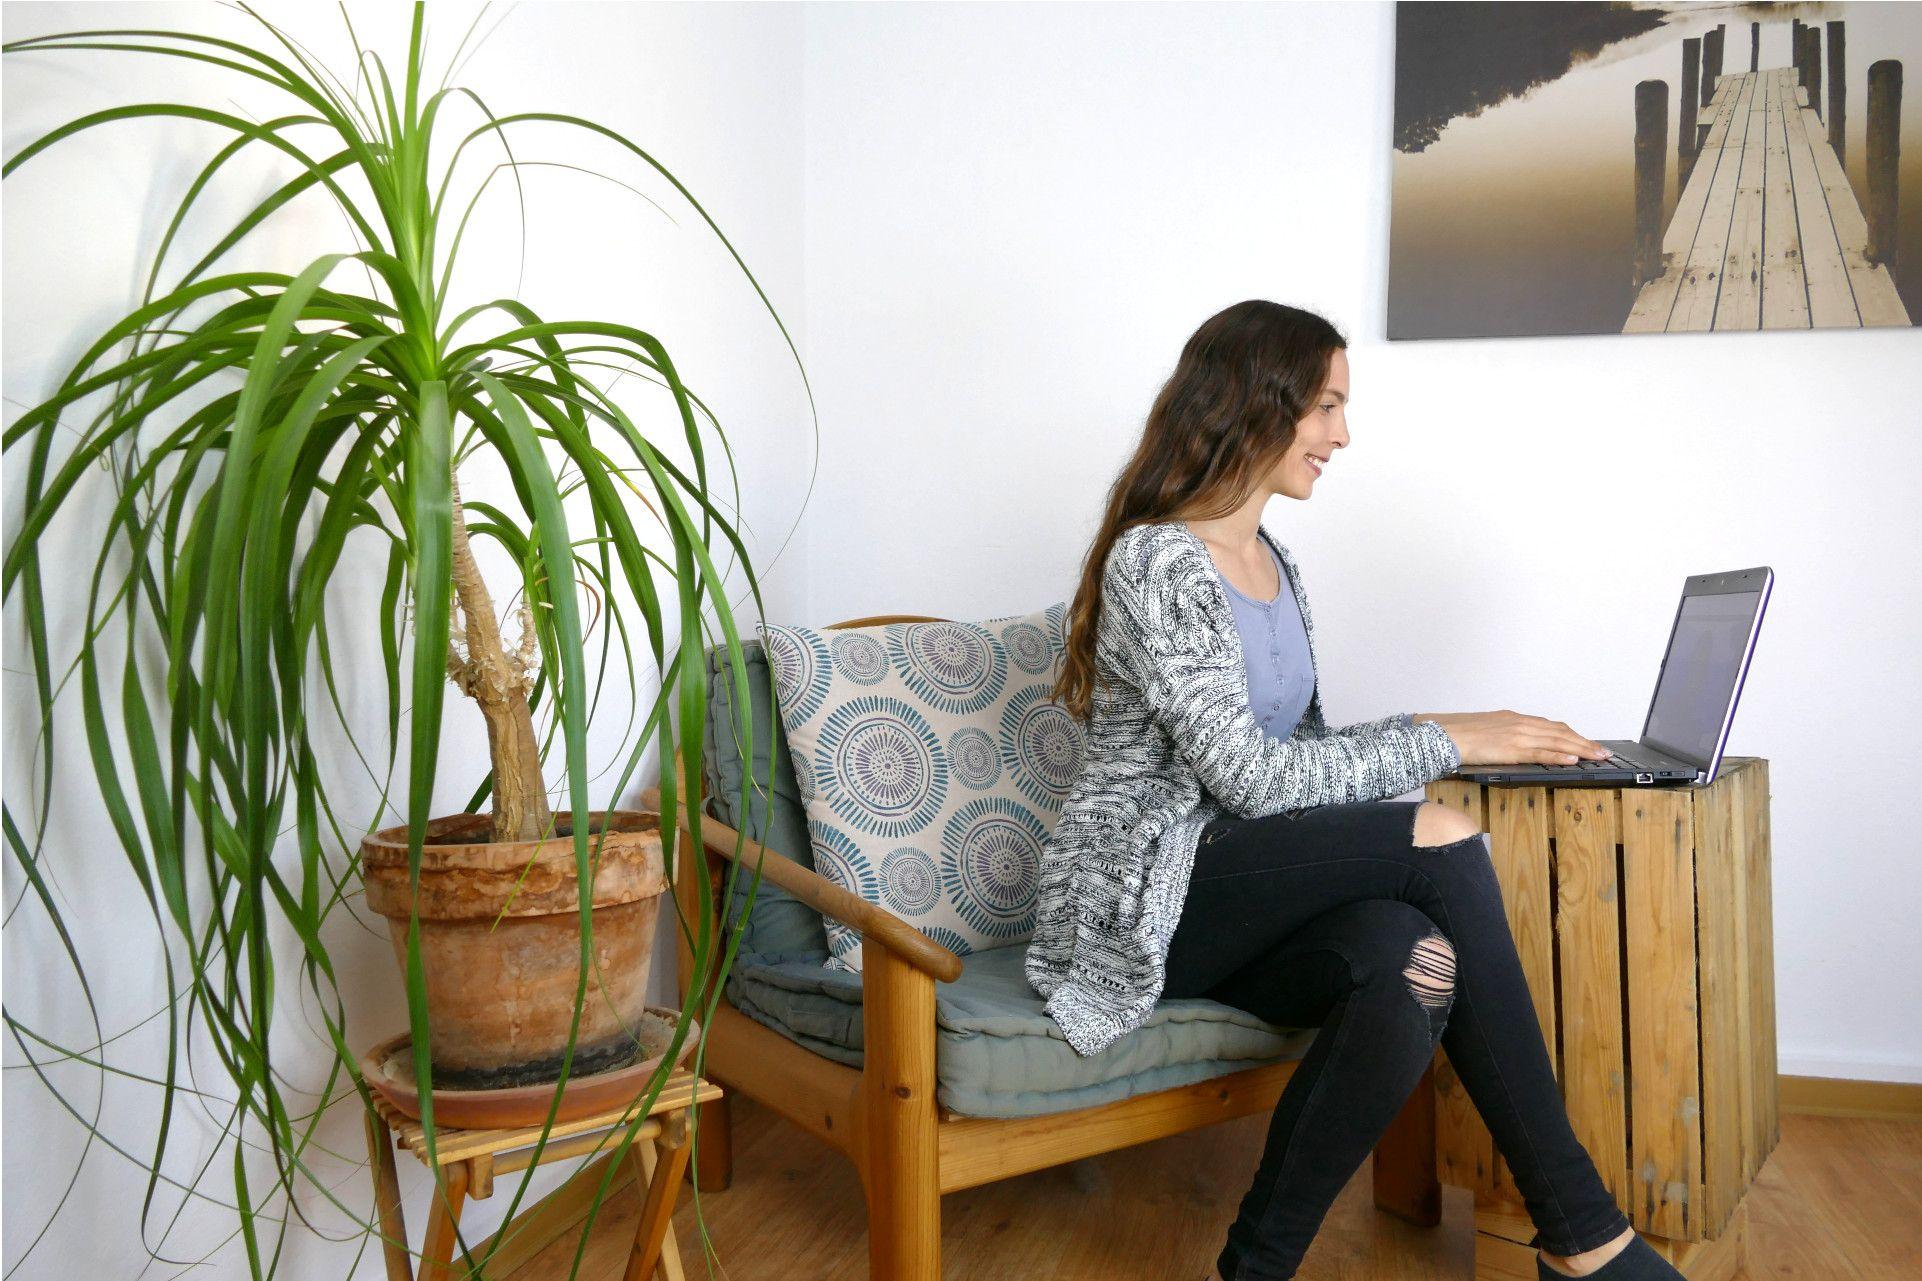 Stressmanagement und Psychologische Online Beratung: Anna sitzt auf einem Sessel, vor ihr steht ein Laptop, mit dem sie eine Psychologische Online Beratung durchführt. Sie lacht und ist glücklich, denn die Arbeit mit dem Klienten macht Spaß und erste Erfolge in der persönlichen Weiterentwicklung zeigen sich. Glücklicher und entspannter werden ist etwas, dass jeder verdient hat.